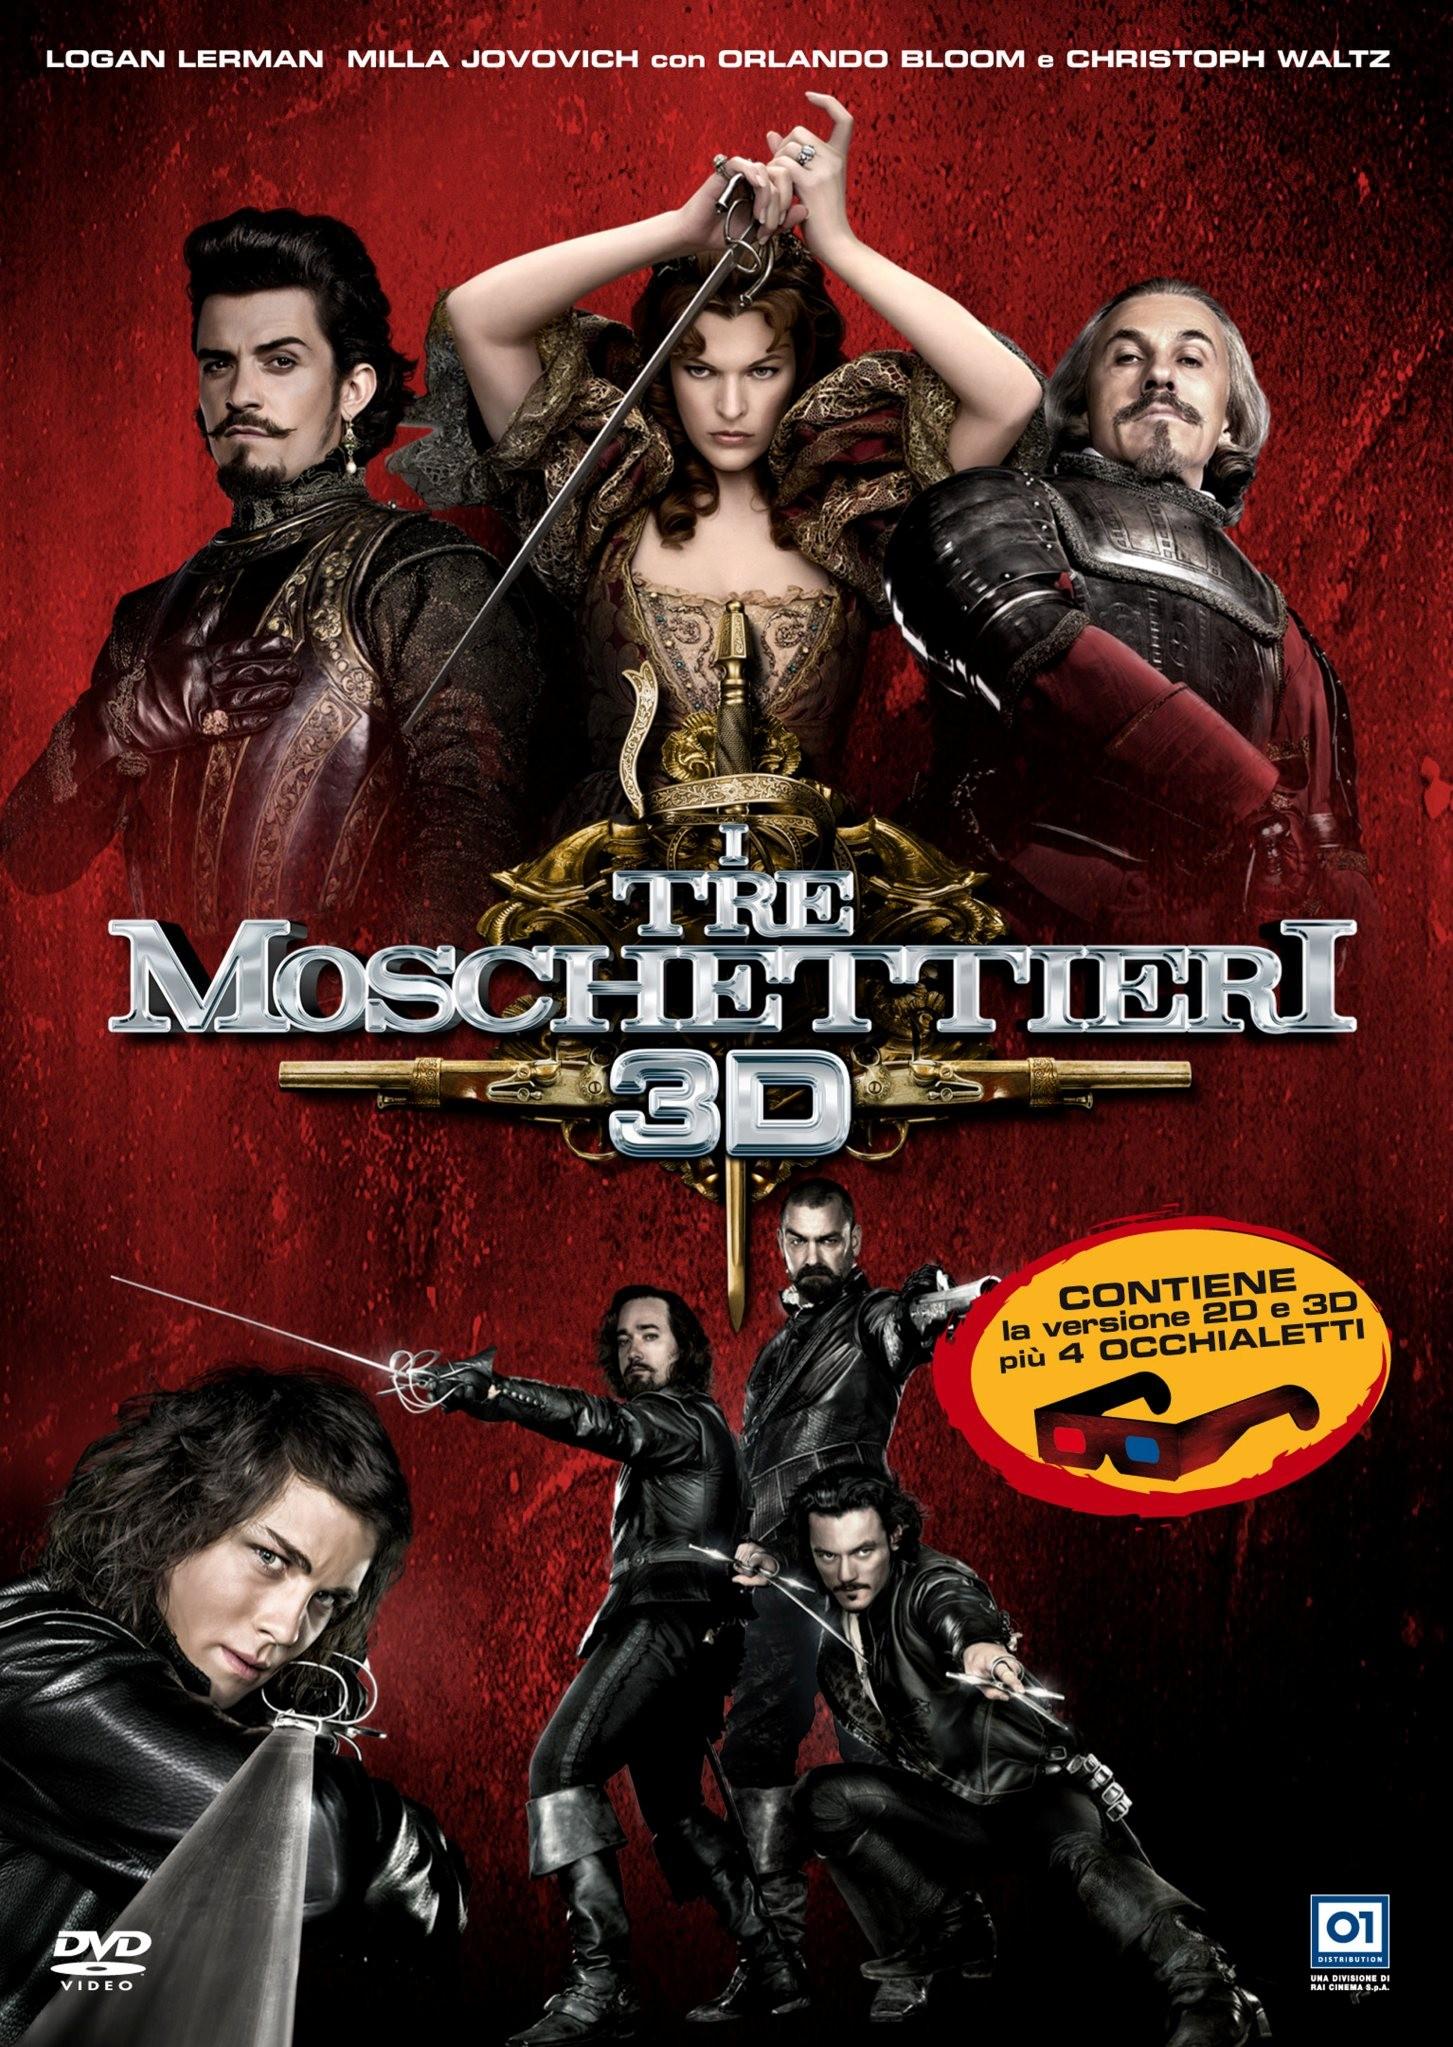 Tre moschettieri cover dvd